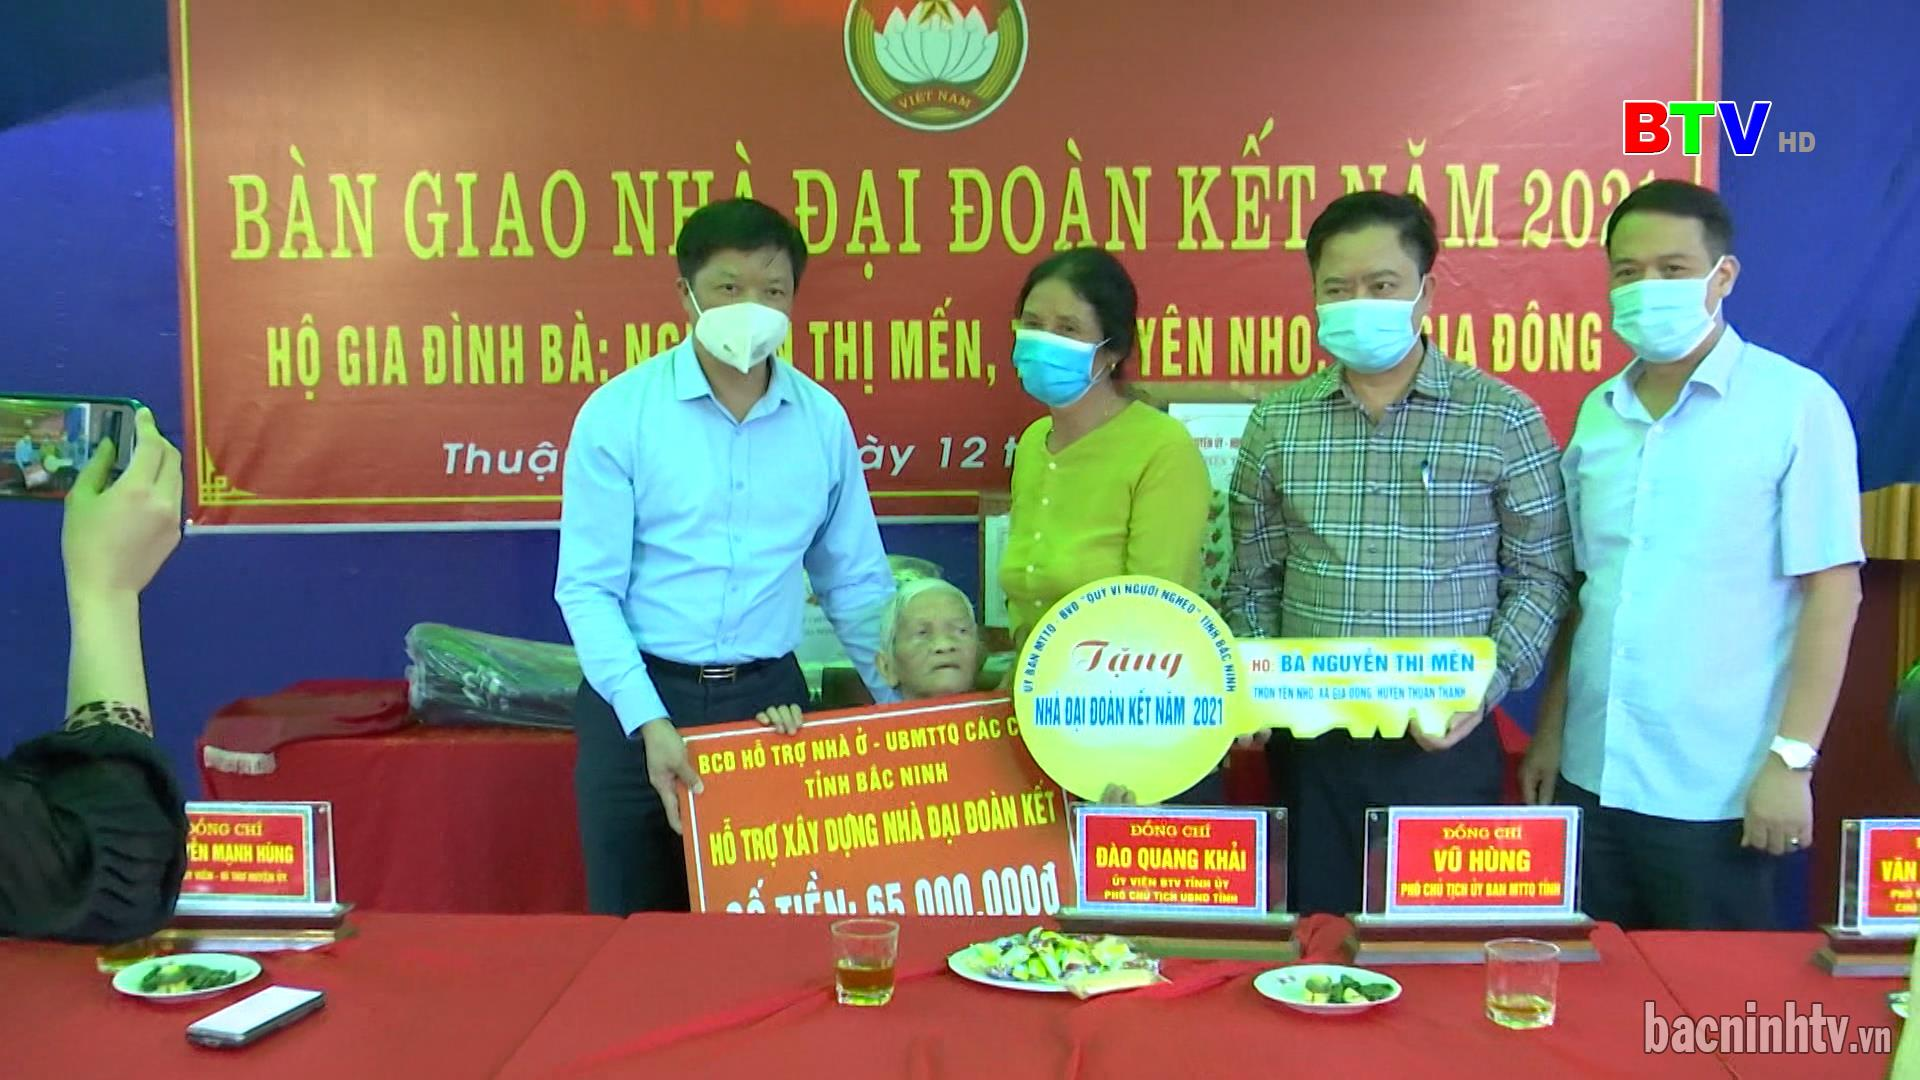 Huyện Thuận Thành tổ chức lễ bàn giao nhà Đại đoàn kết